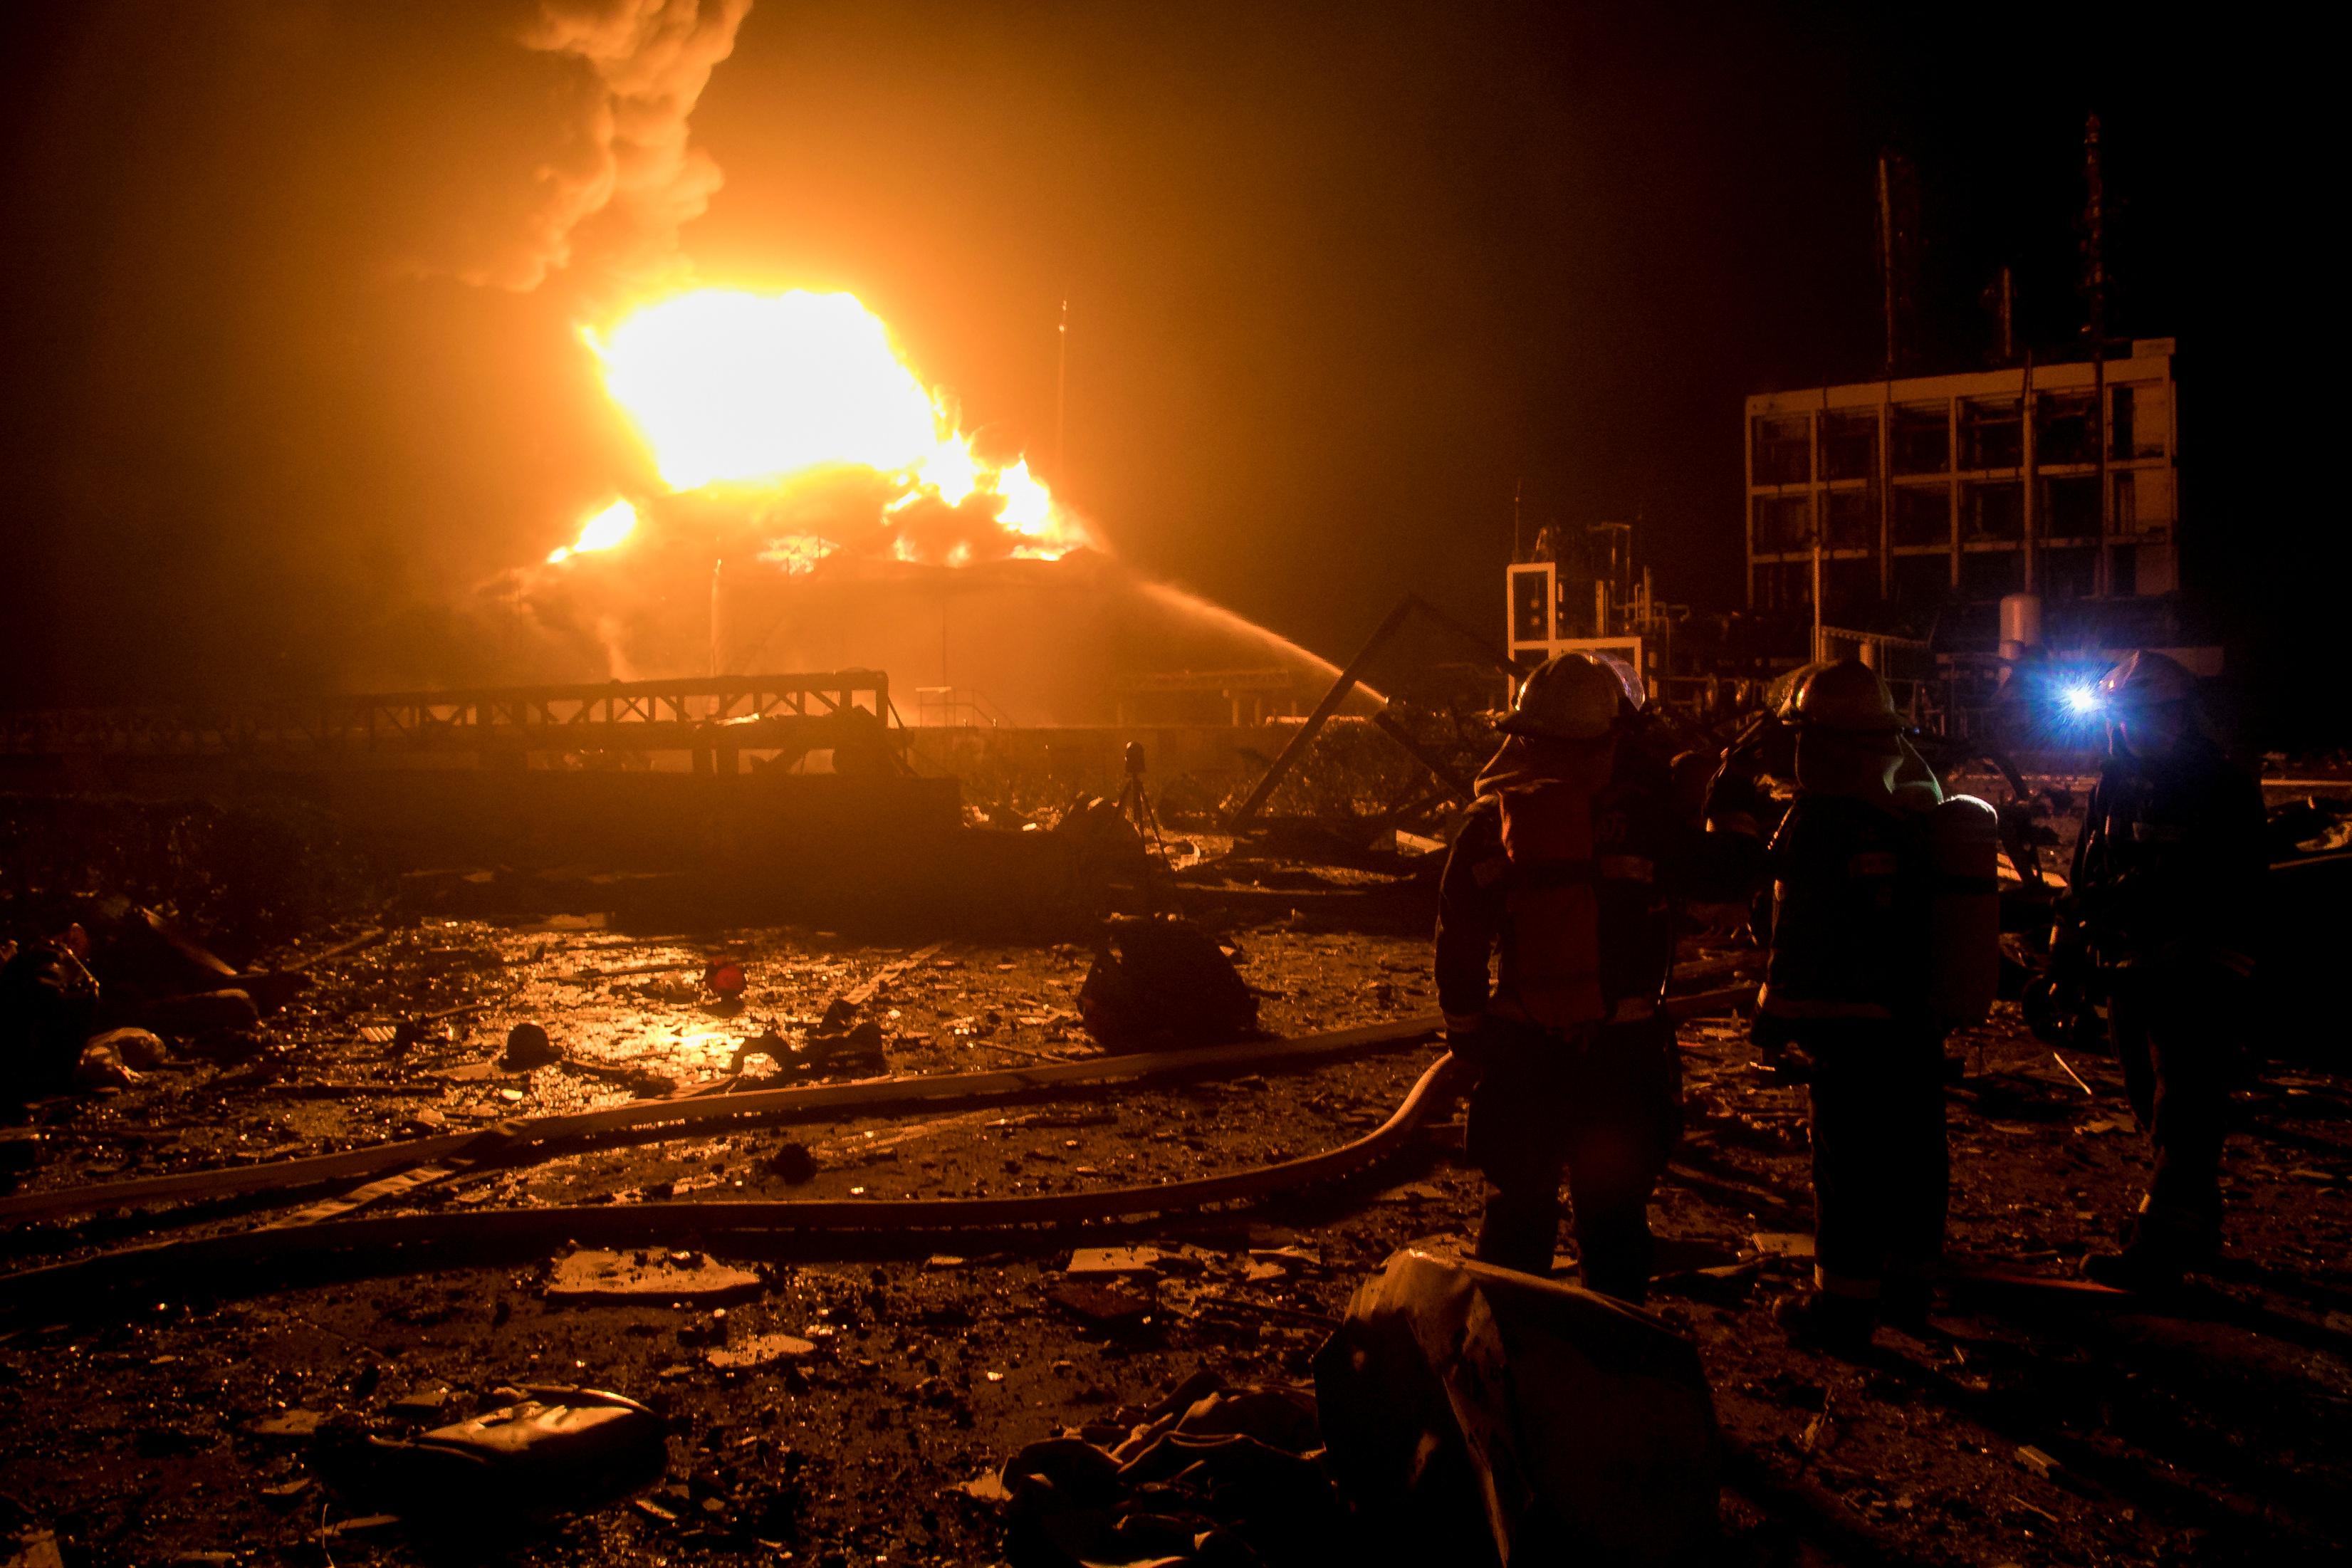 جانب من الحريق الضخم فى الصين (1)